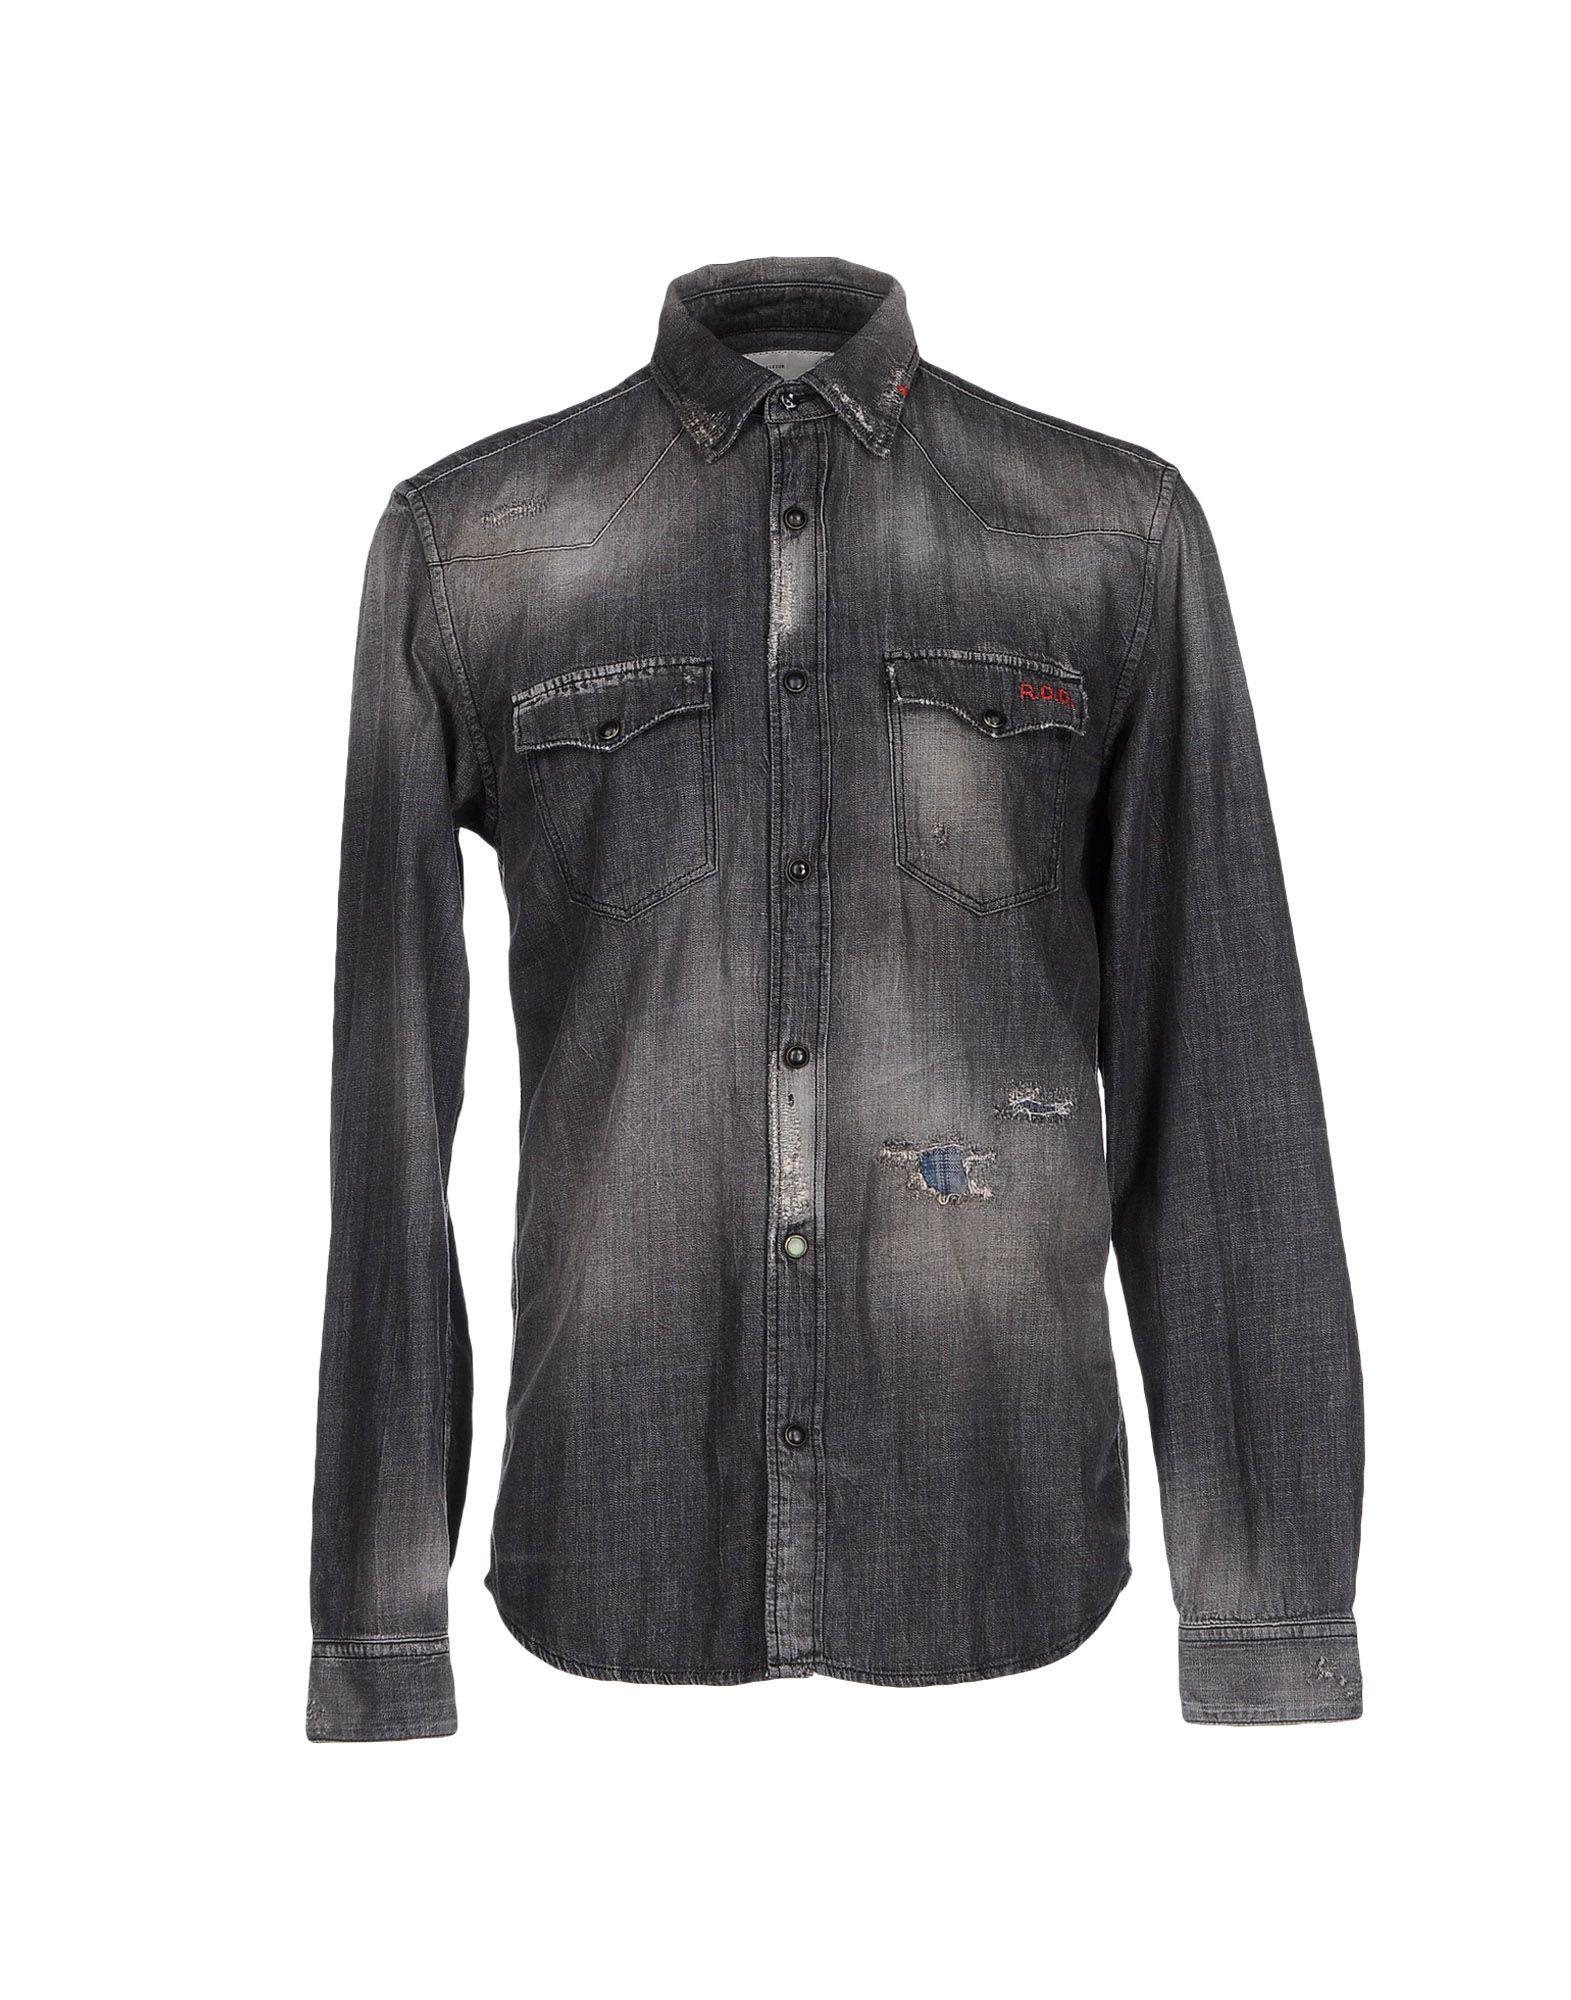 R.D.D. ROYAL DENIM DIVISION BY JACK & JONES Джинсовая рубашка рубашка джинсовая jack